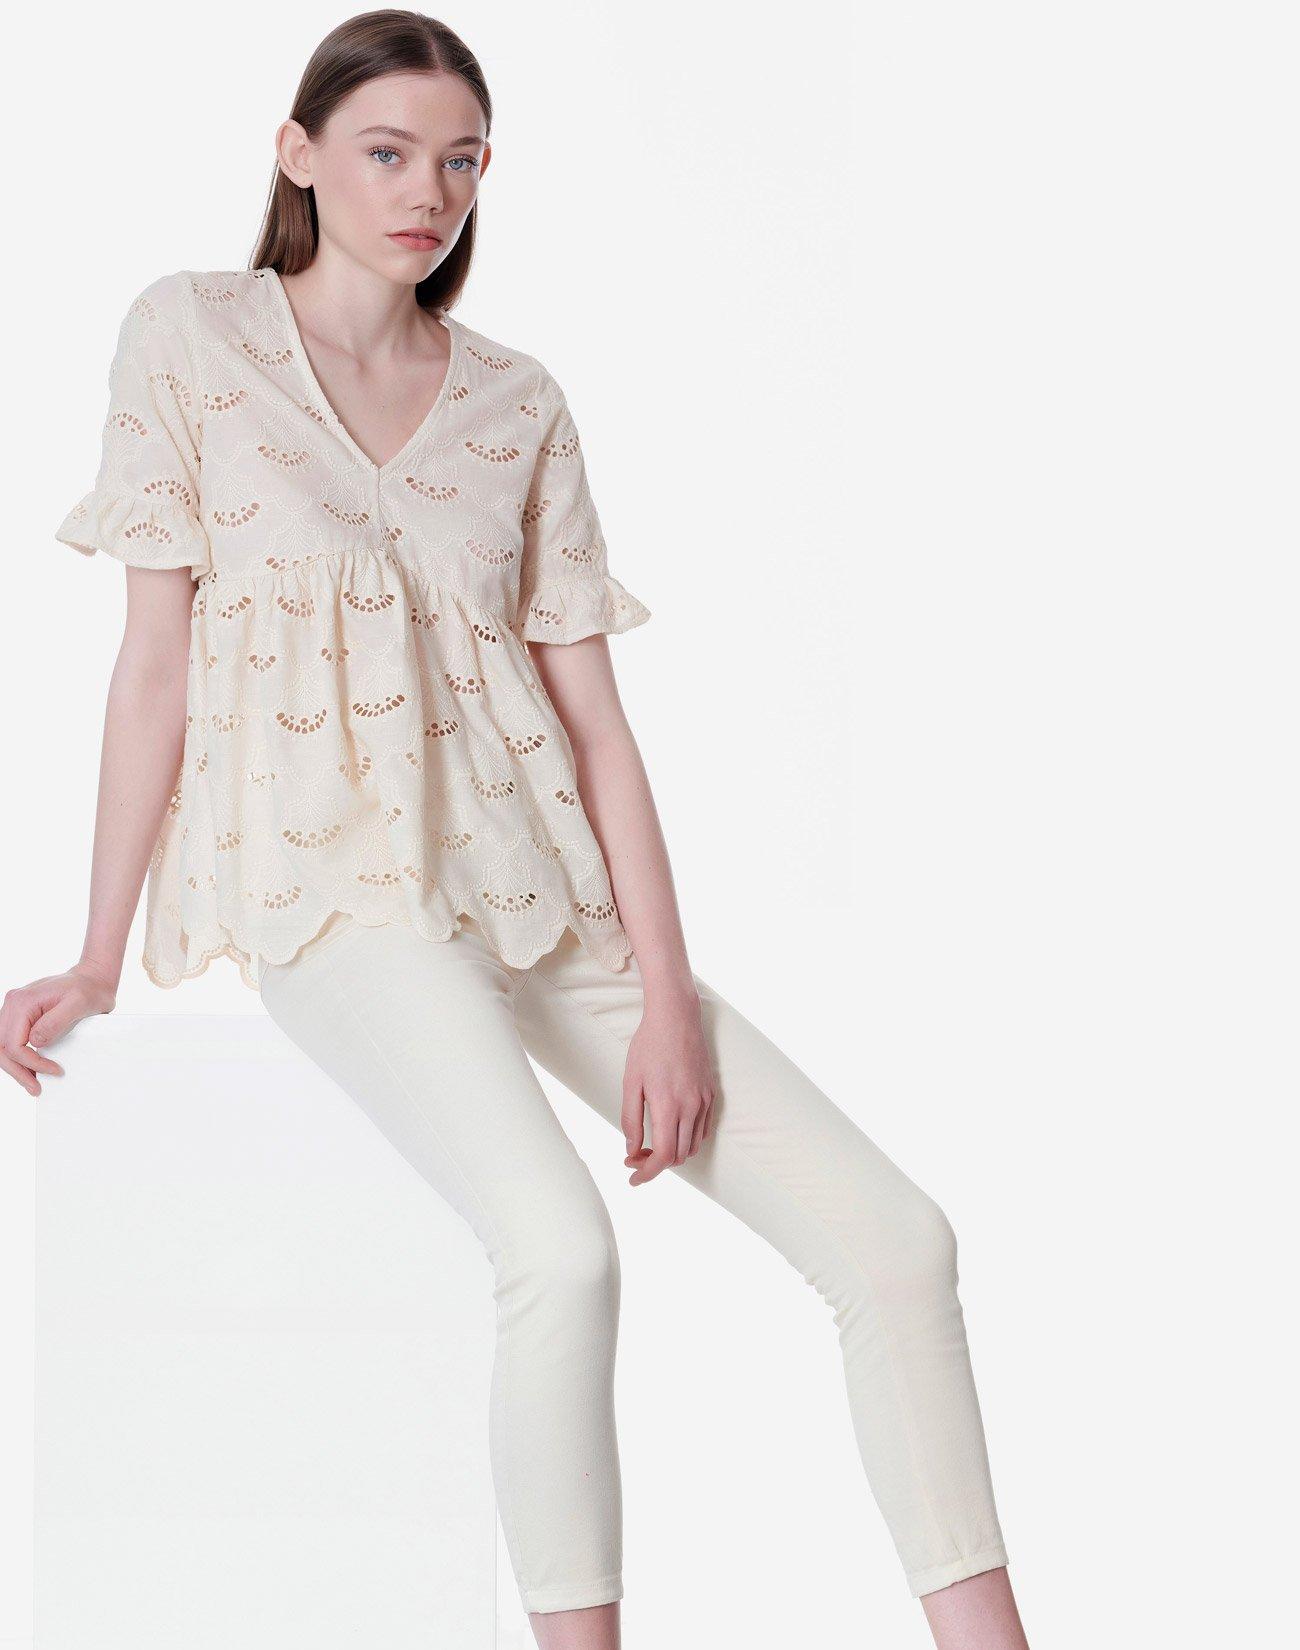 Μπλούζα peplum με διάτρητο σχέδιο